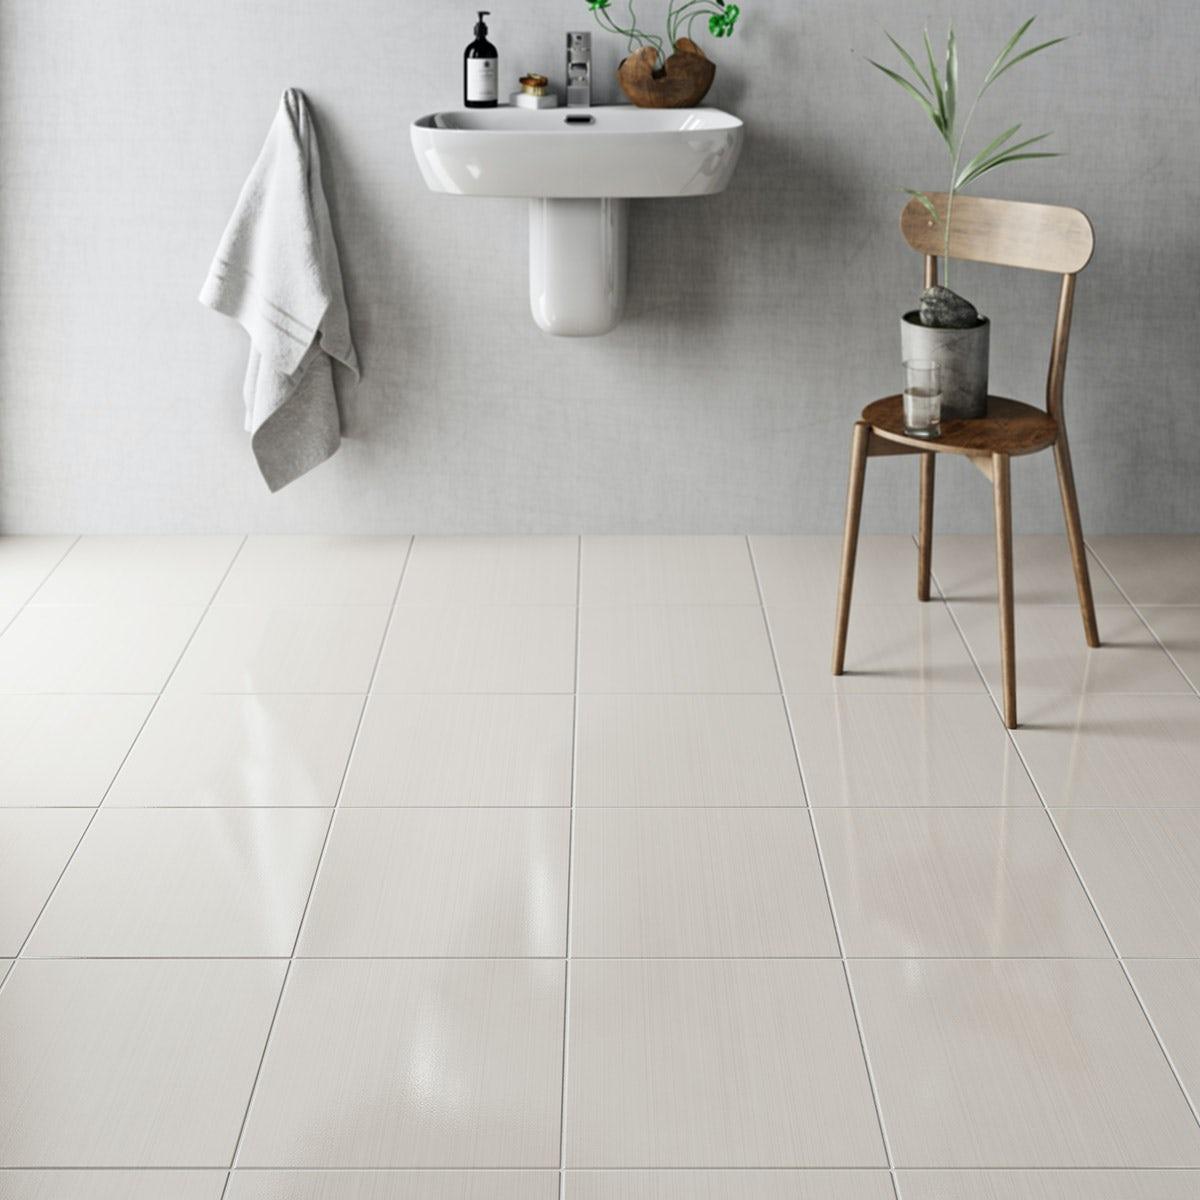 british ceramic tile linear sand beige gloss tile 331mm x. Black Bedroom Furniture Sets. Home Design Ideas